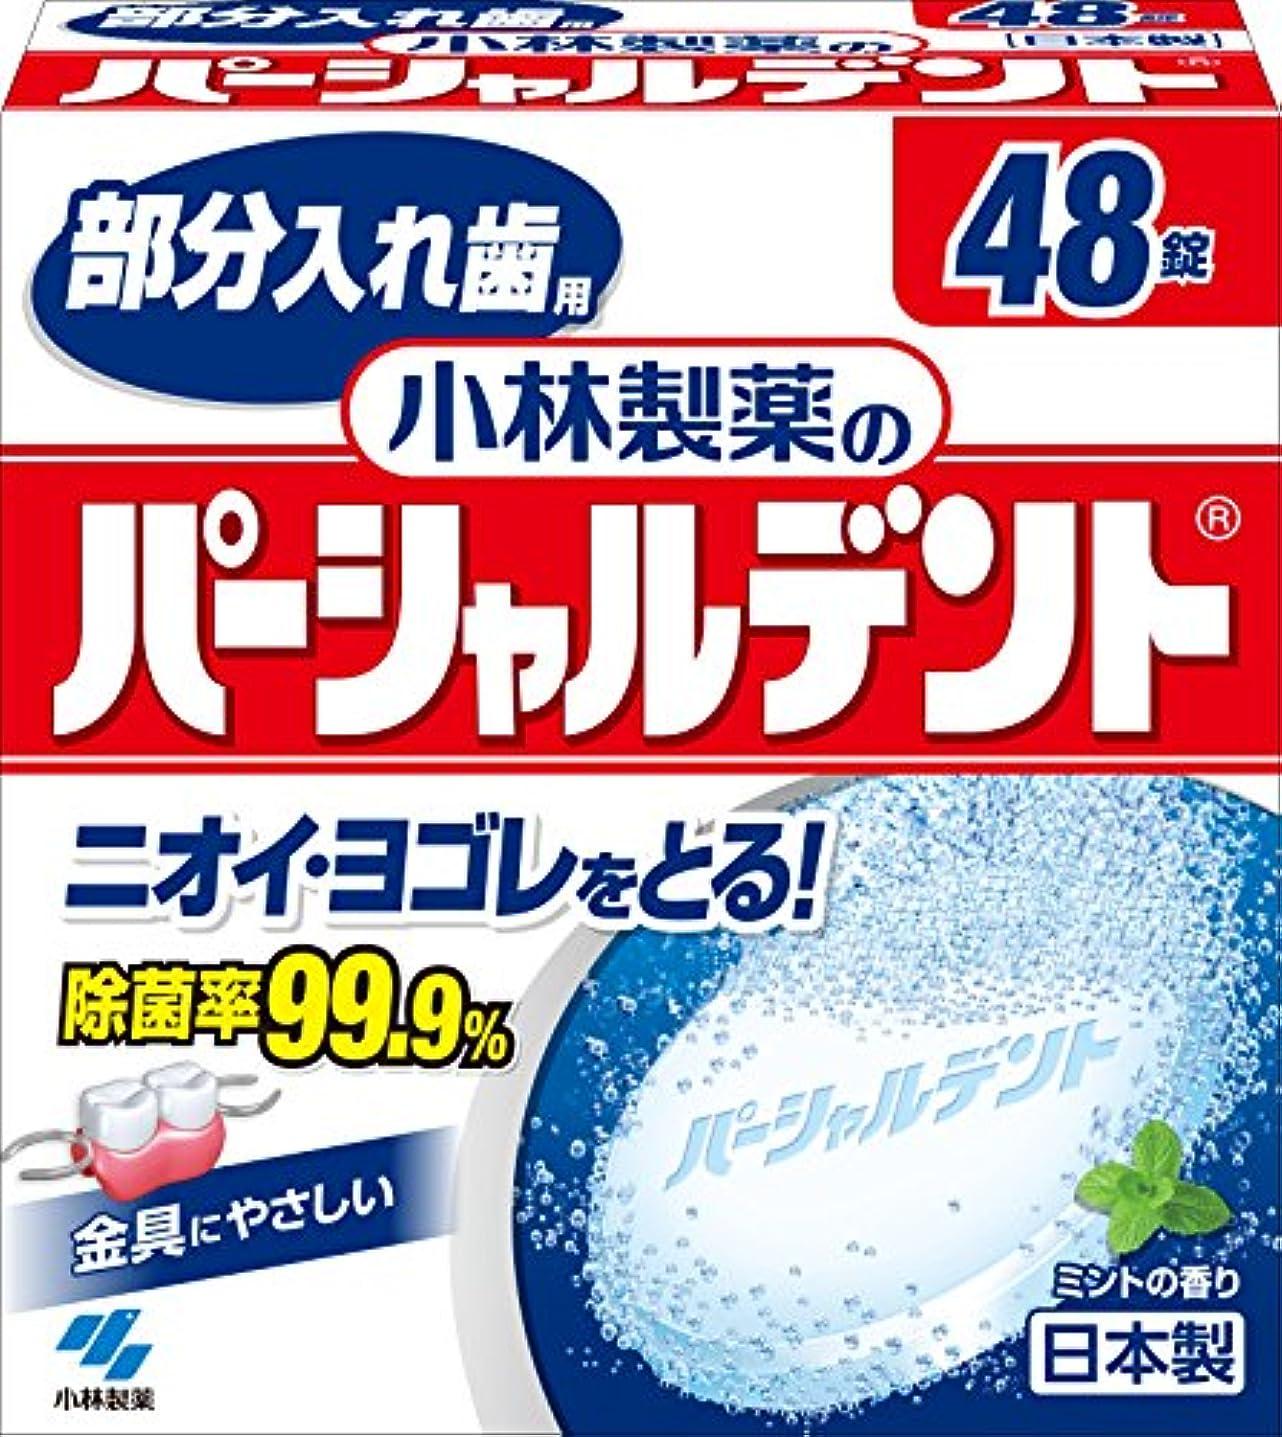 以来スピーカースチュワード小林製薬のパーシャルデント 部分入れ歯用 洗浄剤 ミントの香 48錠